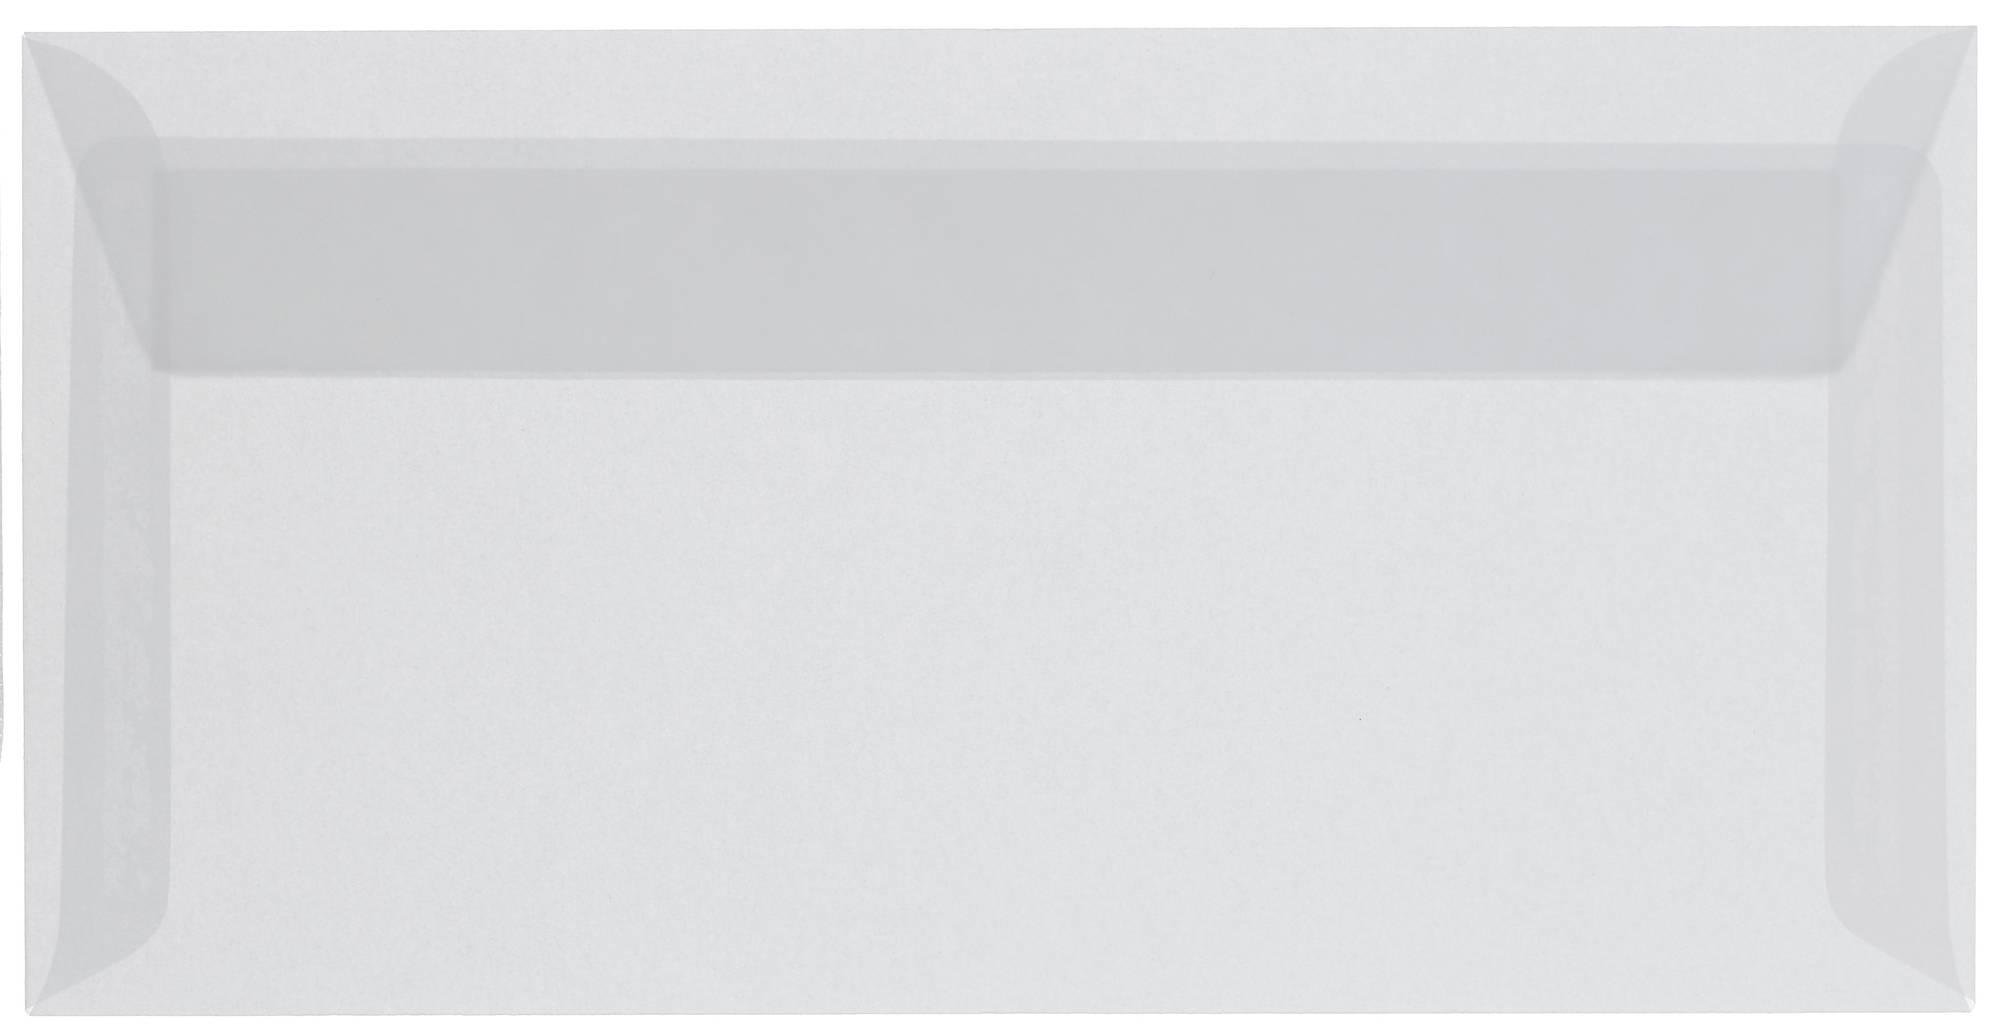 Transparenter Briefumschlag ohne Fenster in DIN lang